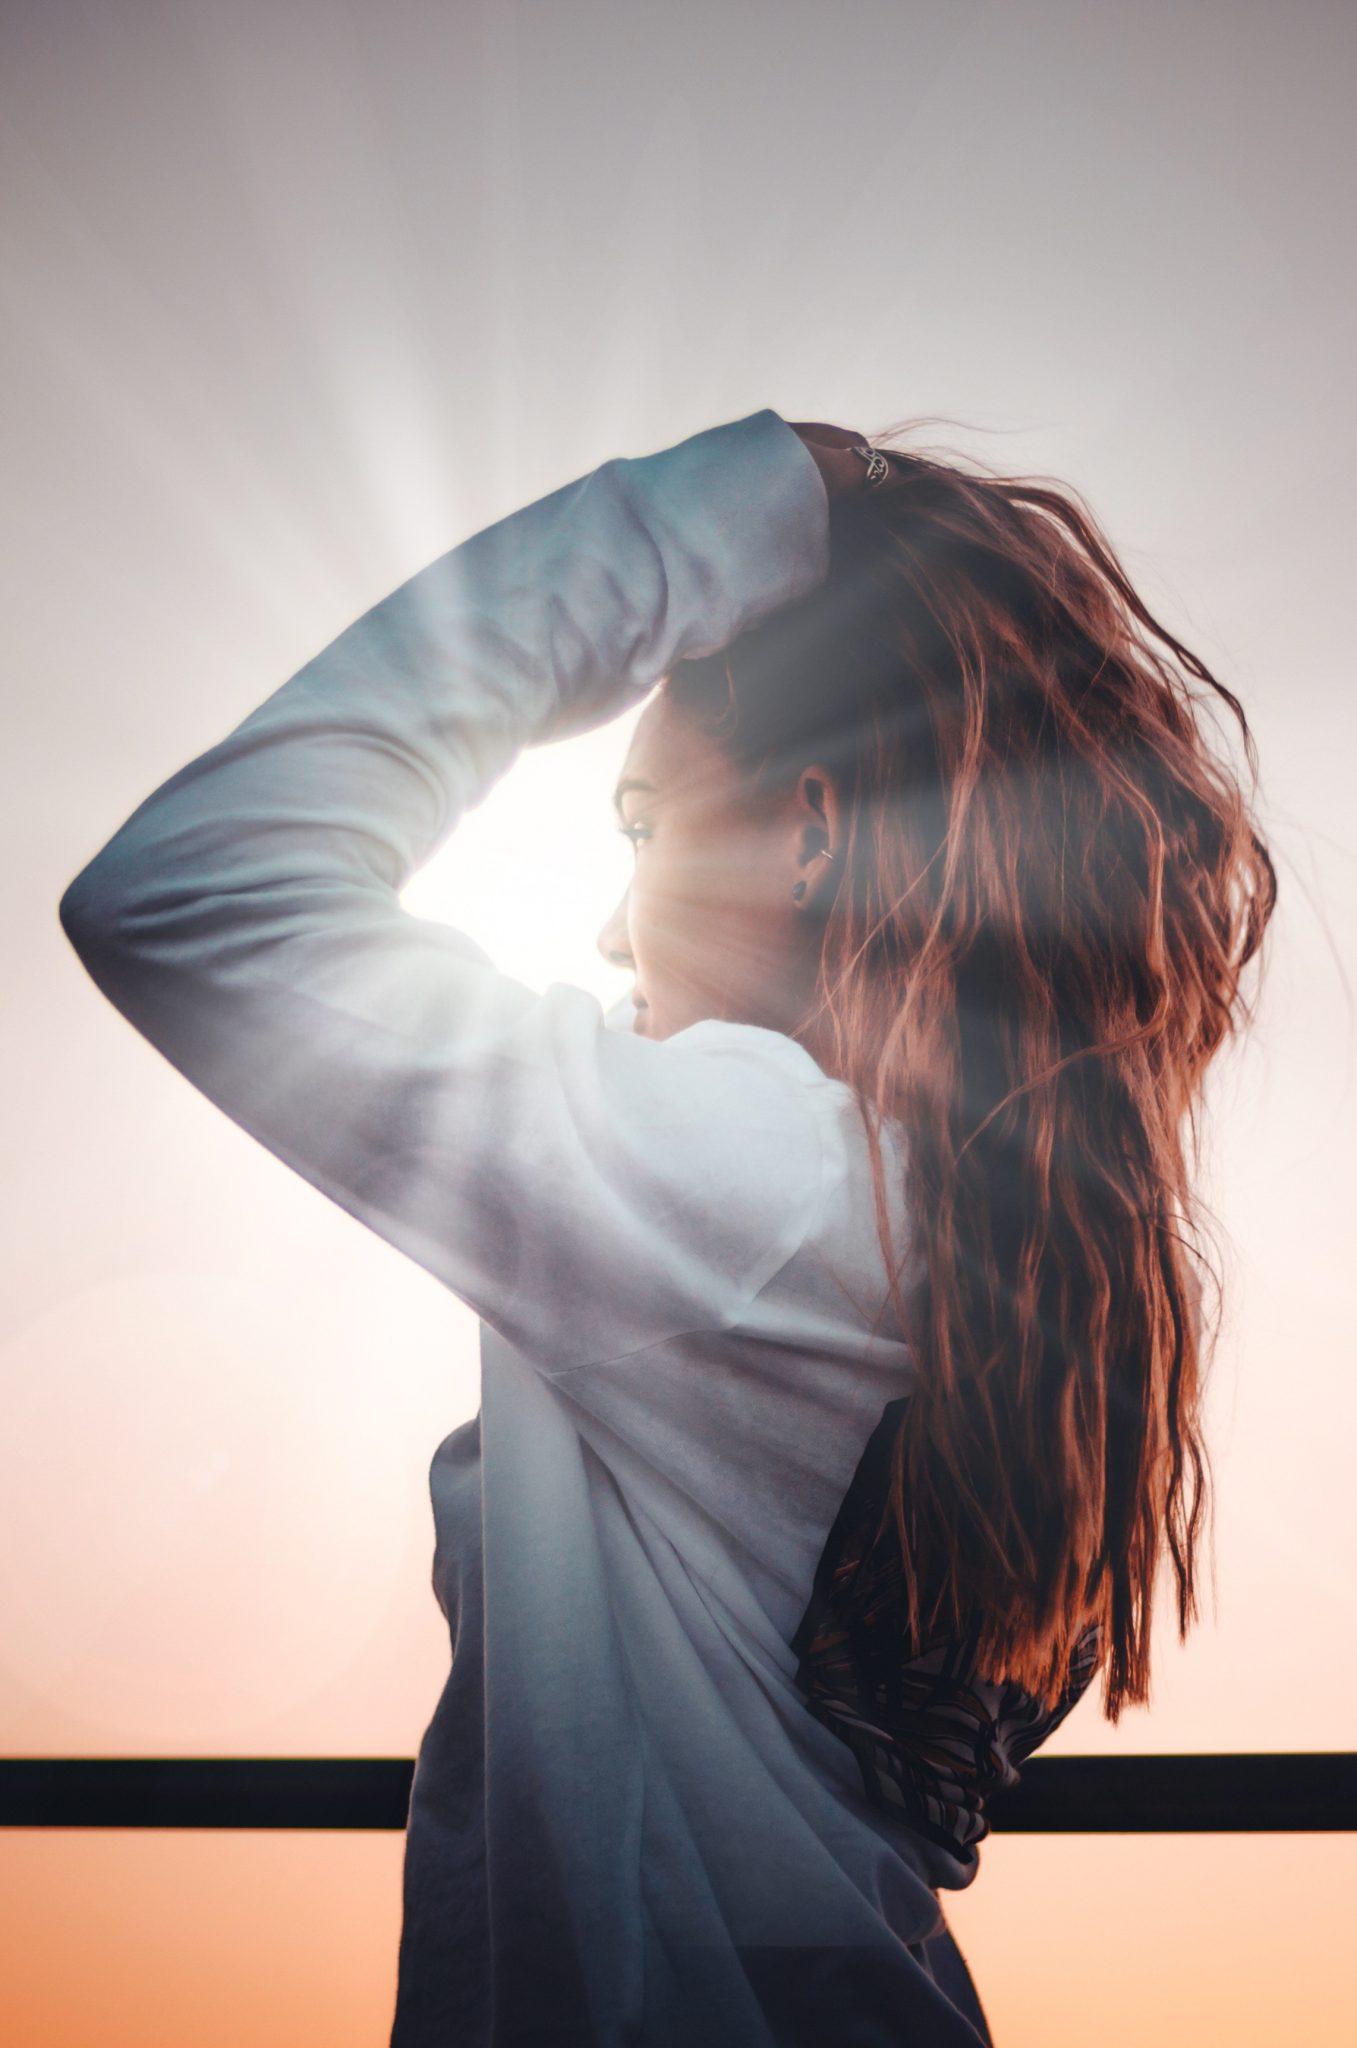 Viso di donna illuminata dal sole in una seduta di Bioenergetica - immagine in CC pubblicata da tatianaberlaffa.com